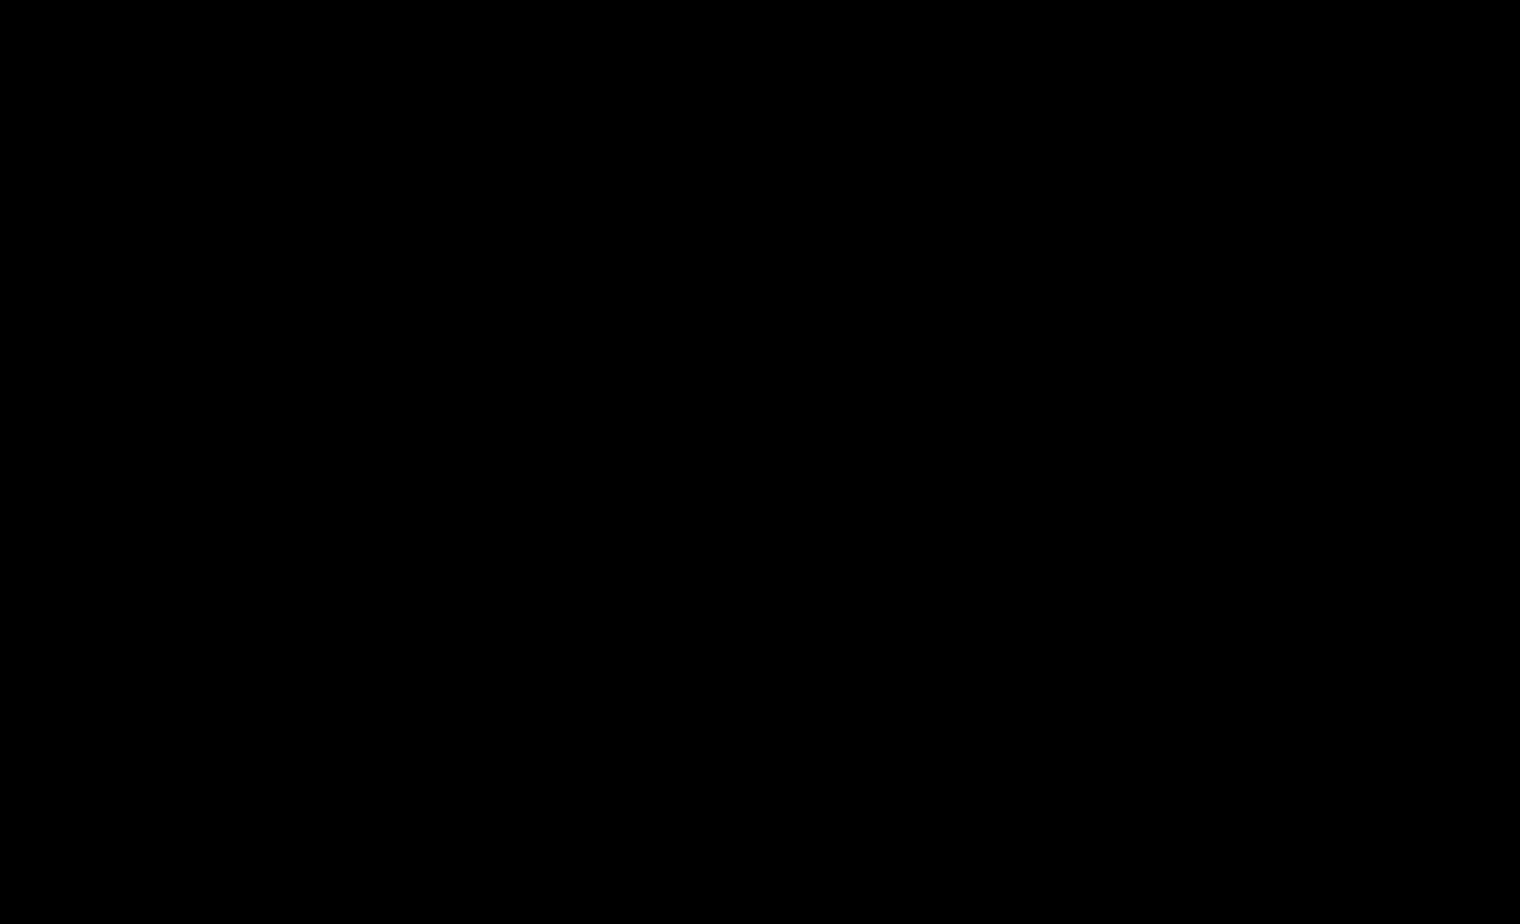 5-Azido-1-N-dansyl-d<sub>6</sub>-pentylamine